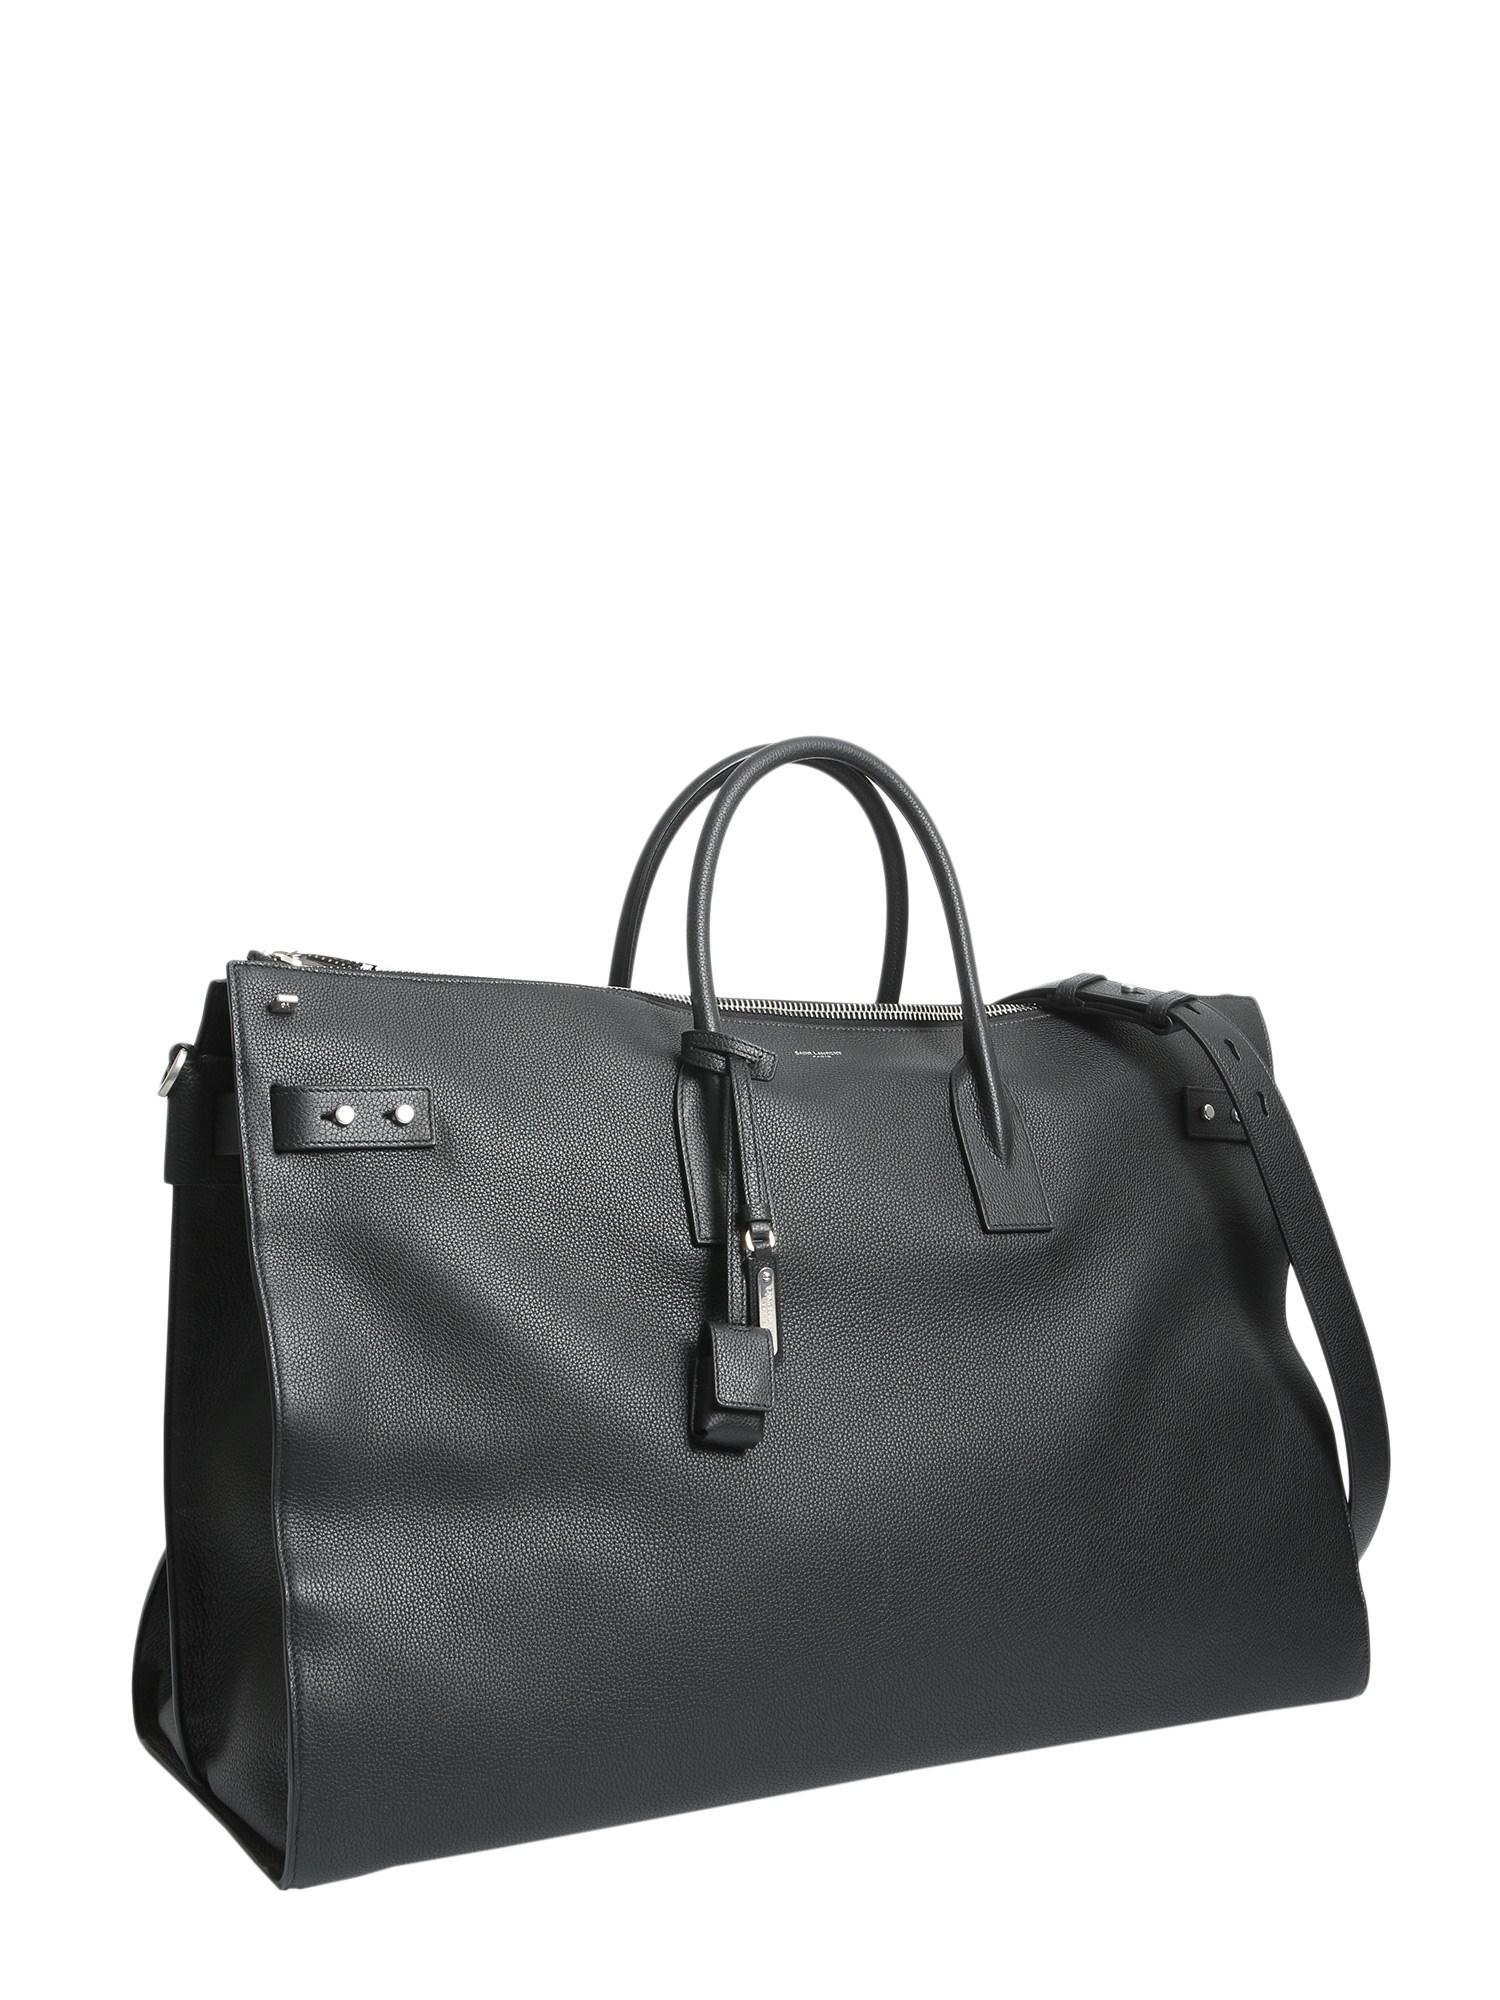 Saint Laurent - Black Large Sac De Jour Souple 72h Leather Duffle Bag for  Men -. View fullscreen 59b58dfdfeb23